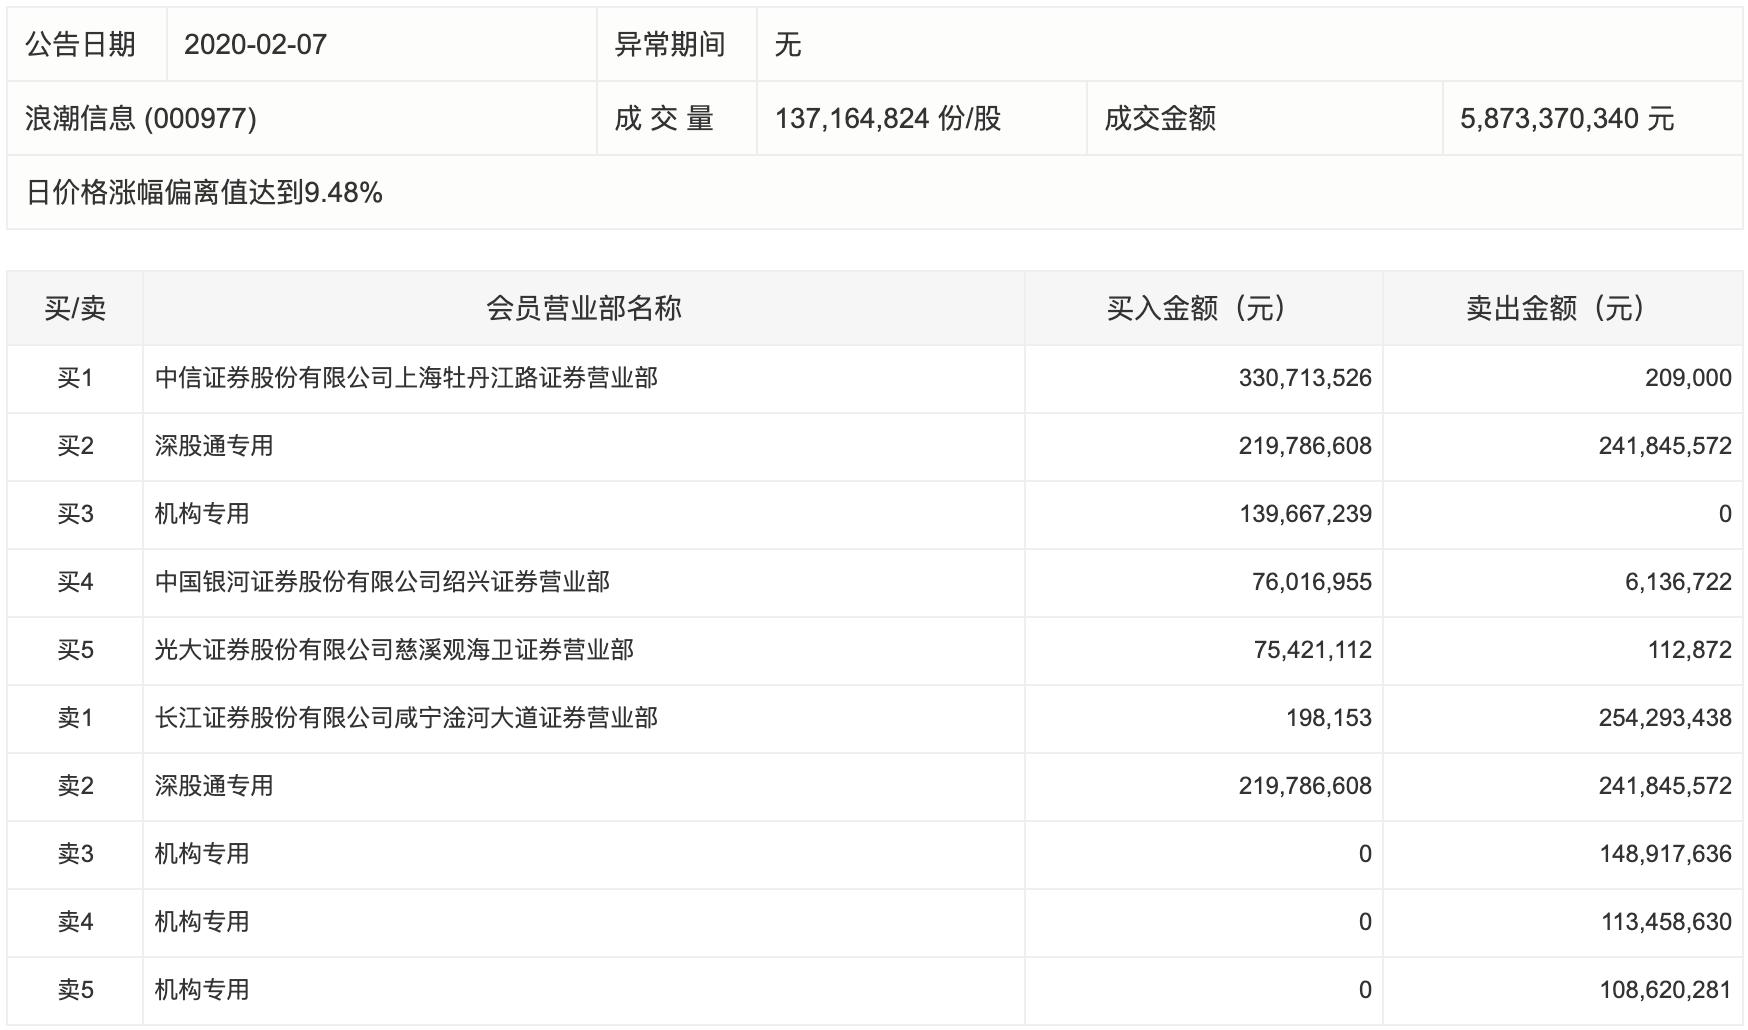 云计算需求激增,浪潮信息二连板,三机构合计卖出近4亿